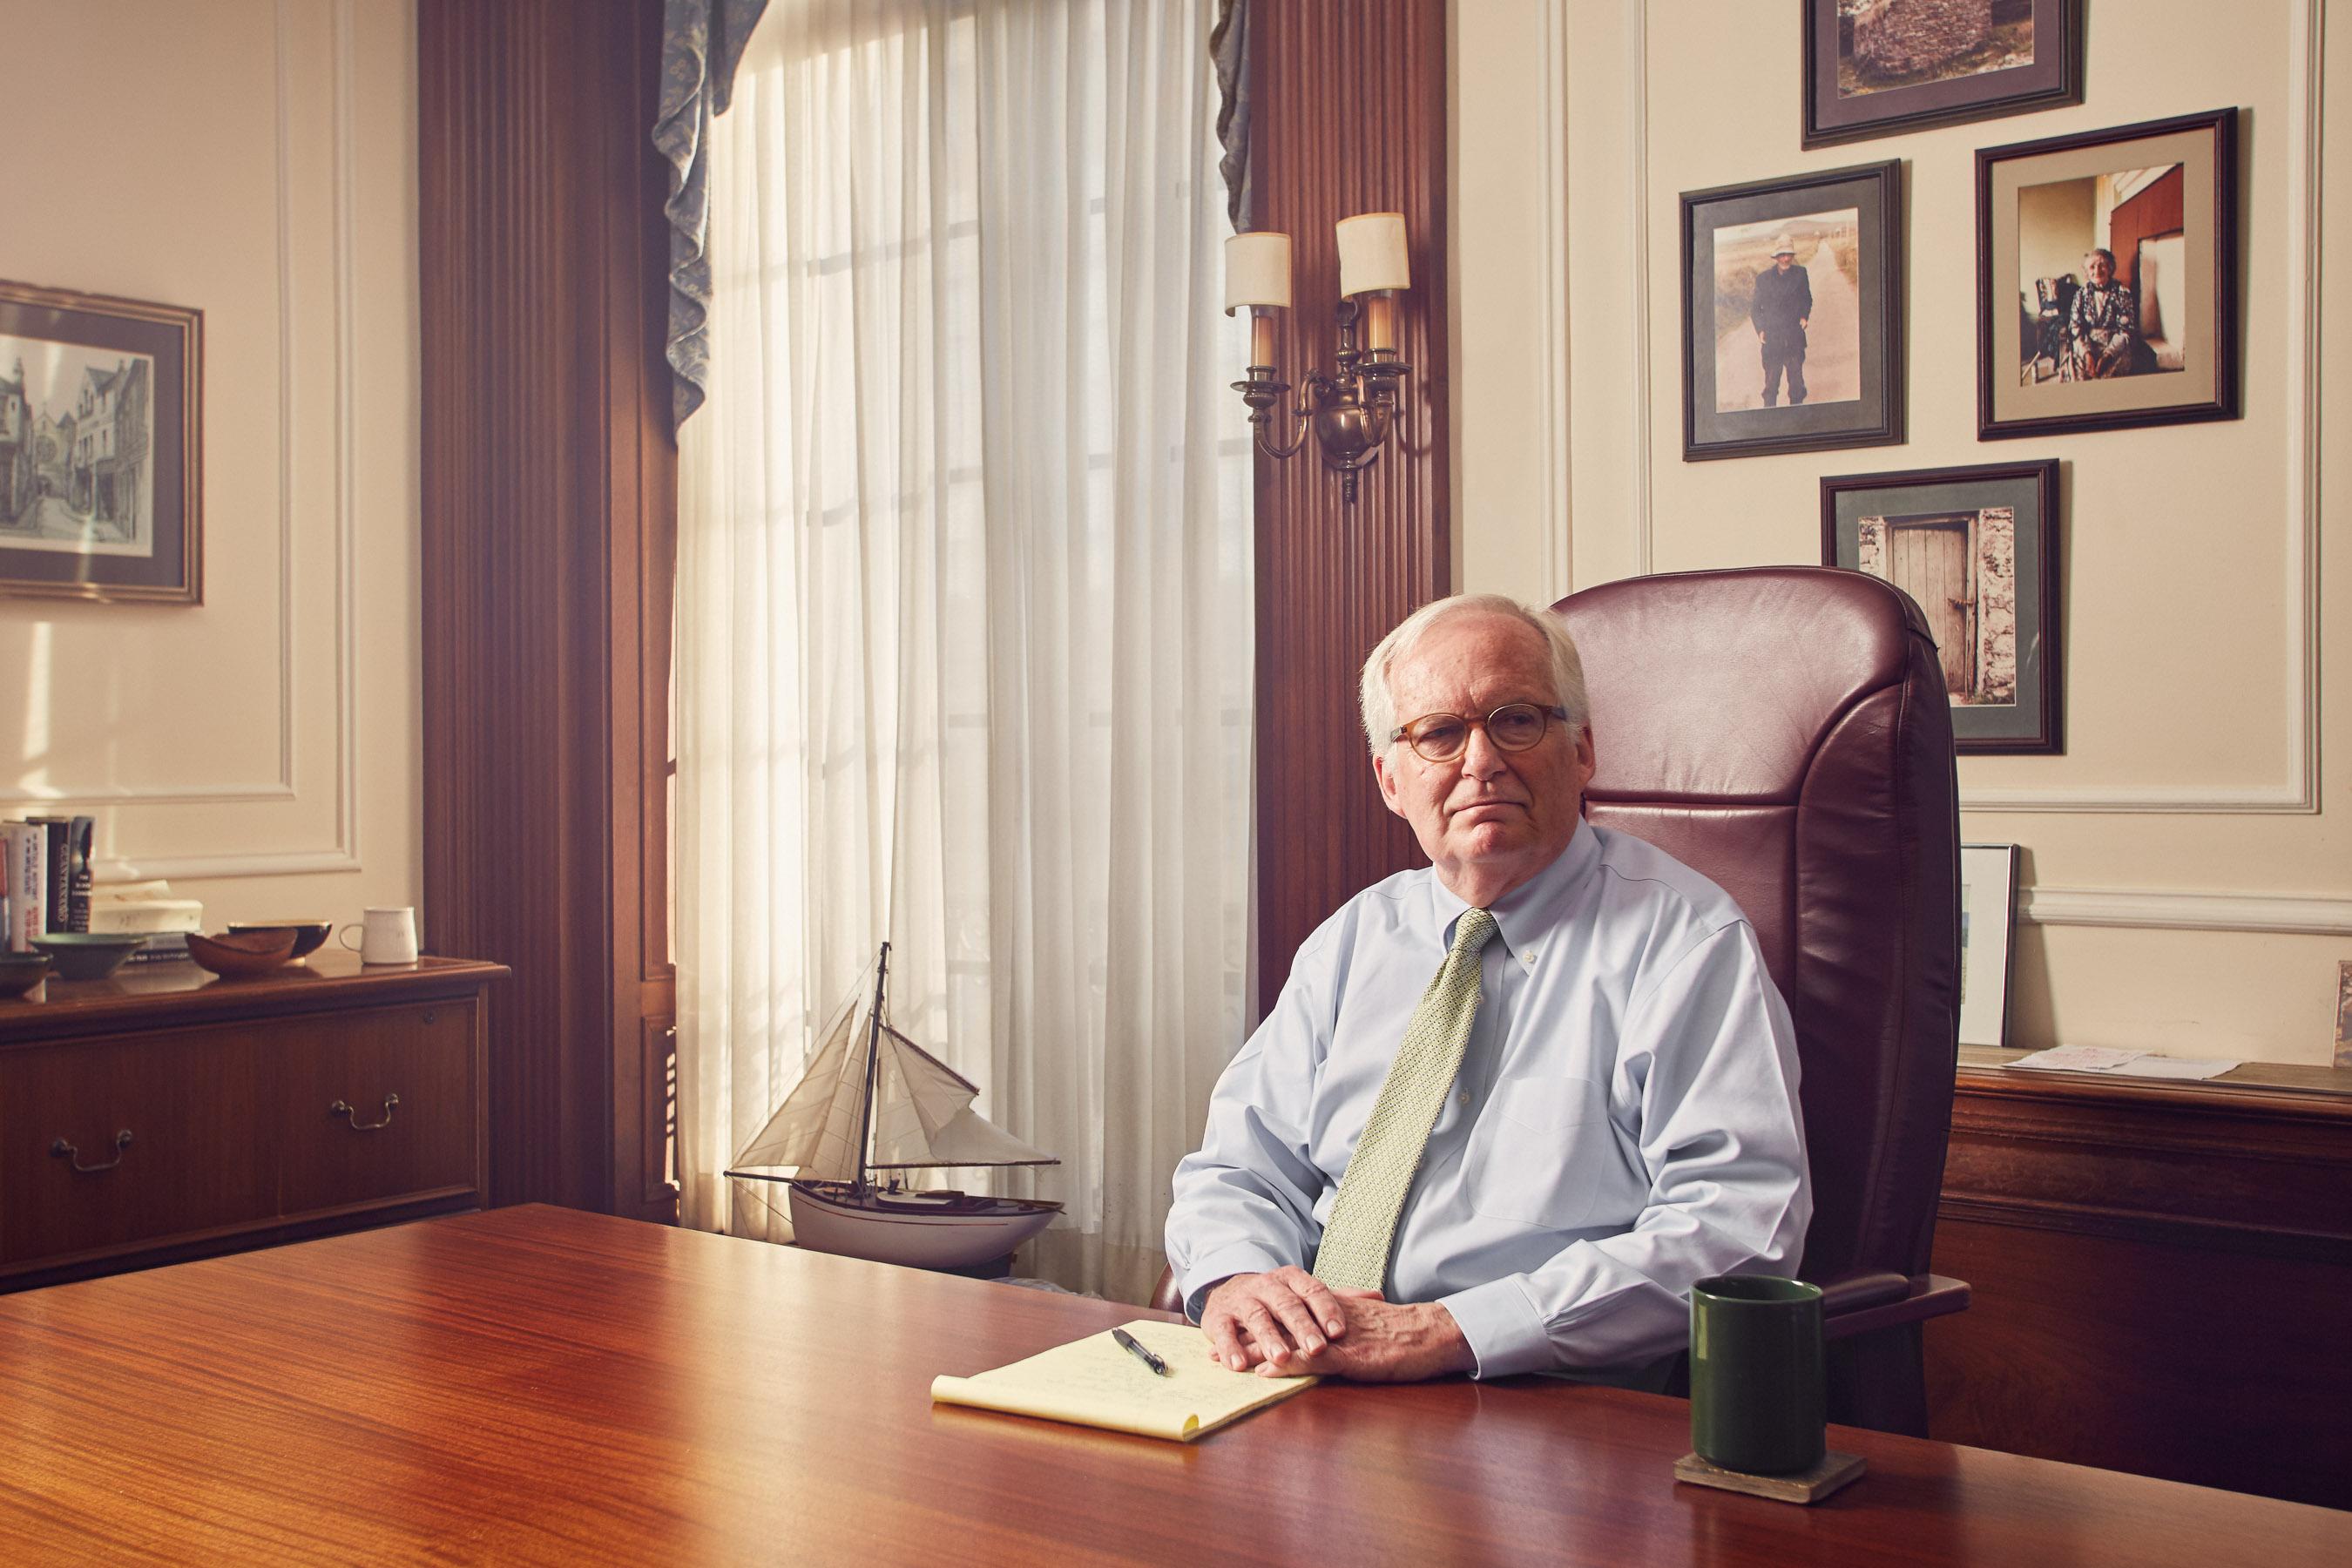 WNY Attorney James Harrington